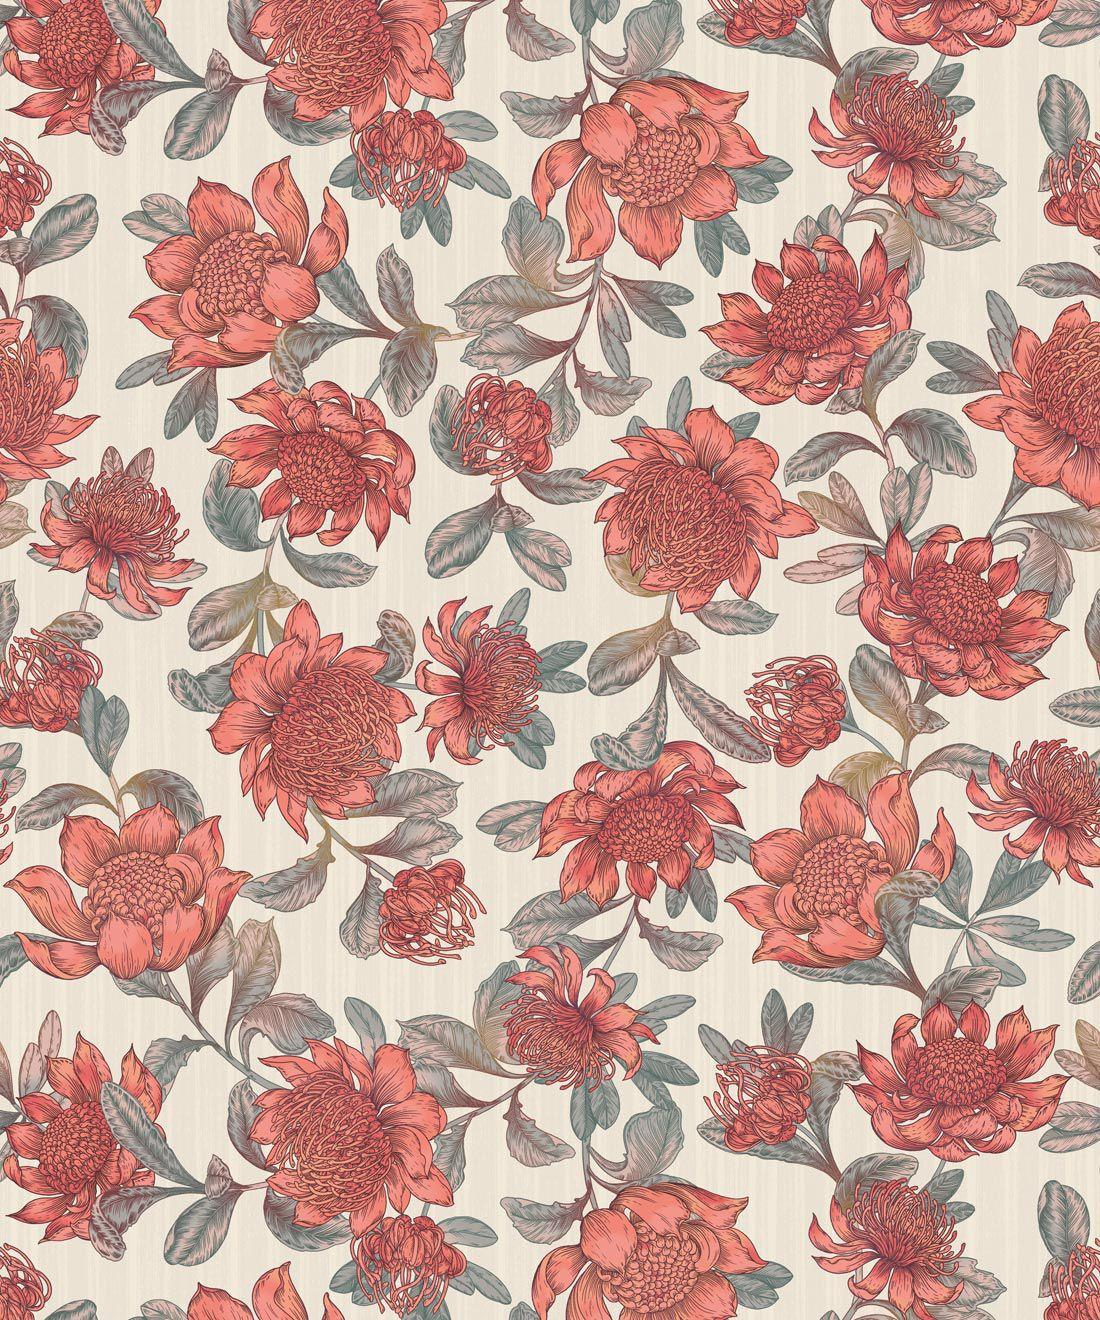 Waratah Wallpaper • Eloise Short • Vintage Floral Wallpaper •Granny Chic Wallpaper • Grandmillennial Style Wallpaper •Parchment •Swatch